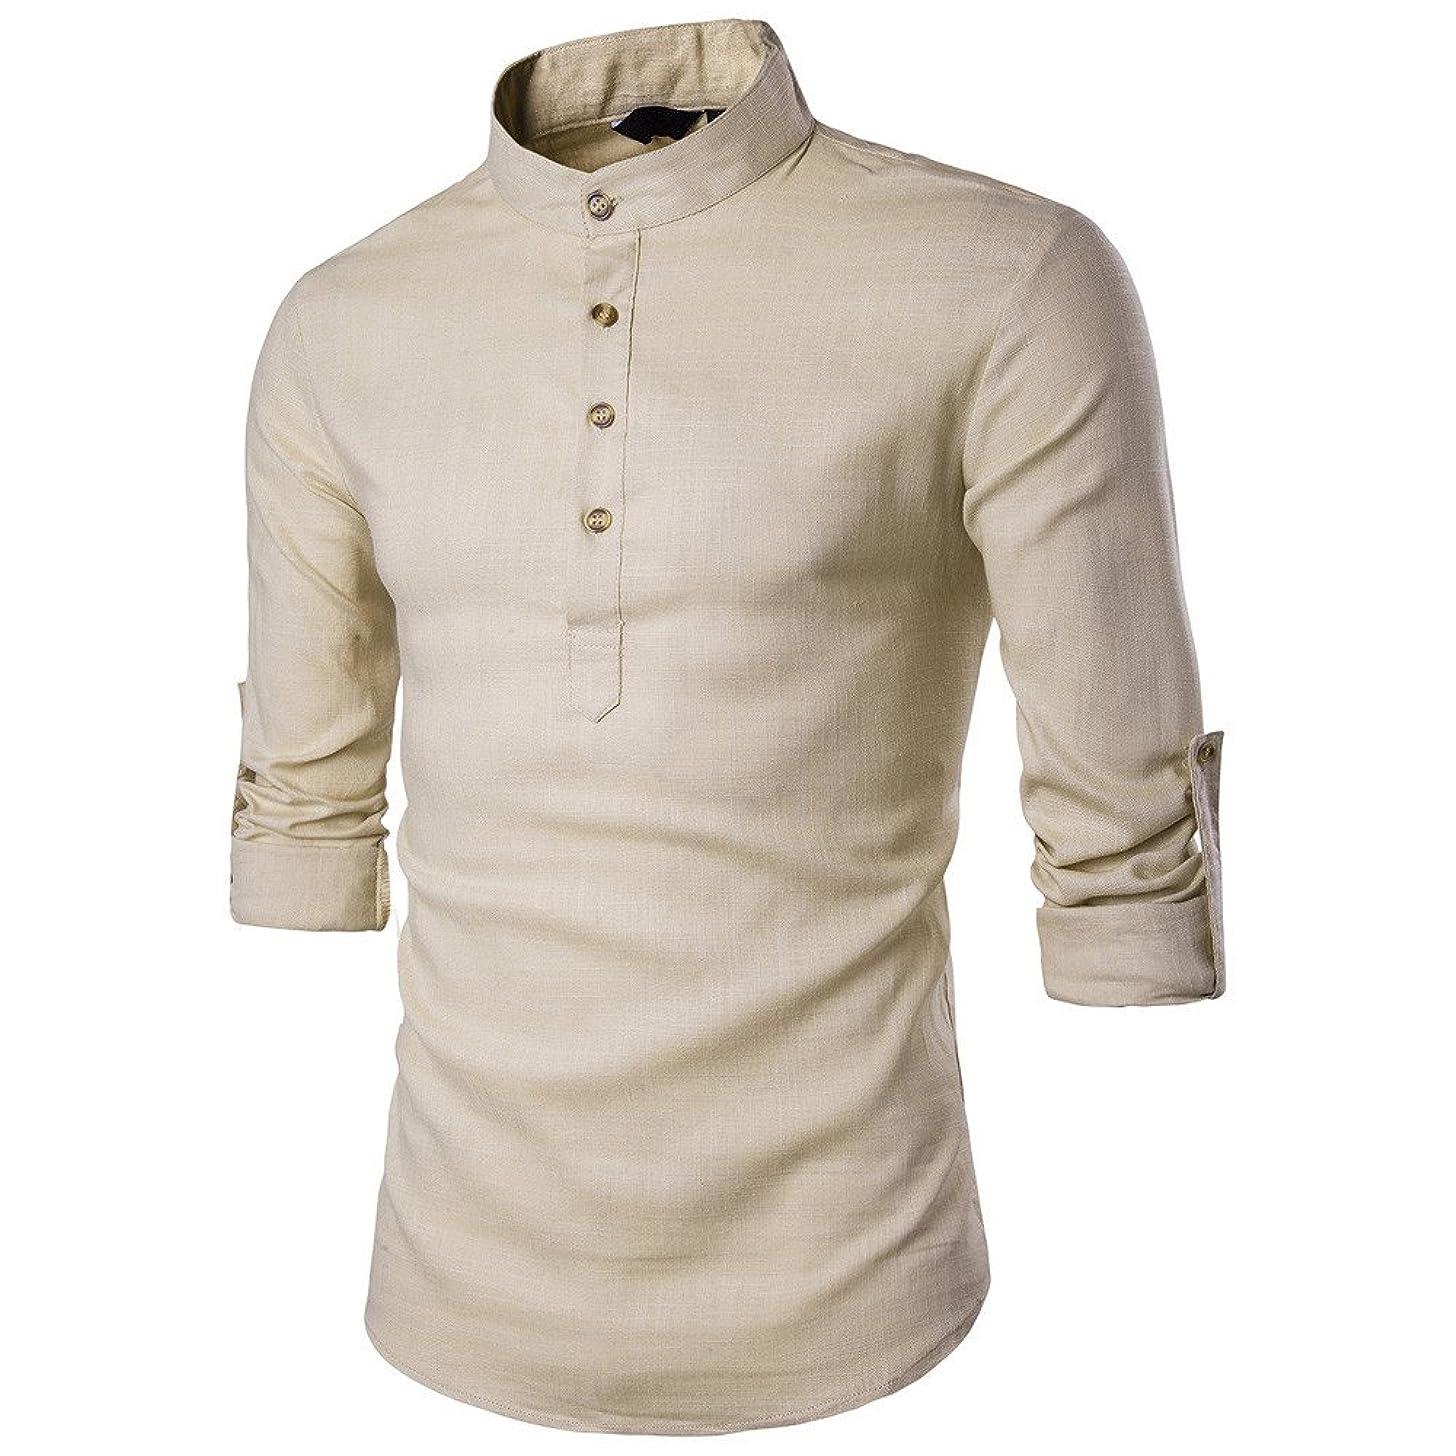 Ghazzi Men Shirt Stand Neck Long Sleeve Shirt Cotton Linen Tops Button Shirts